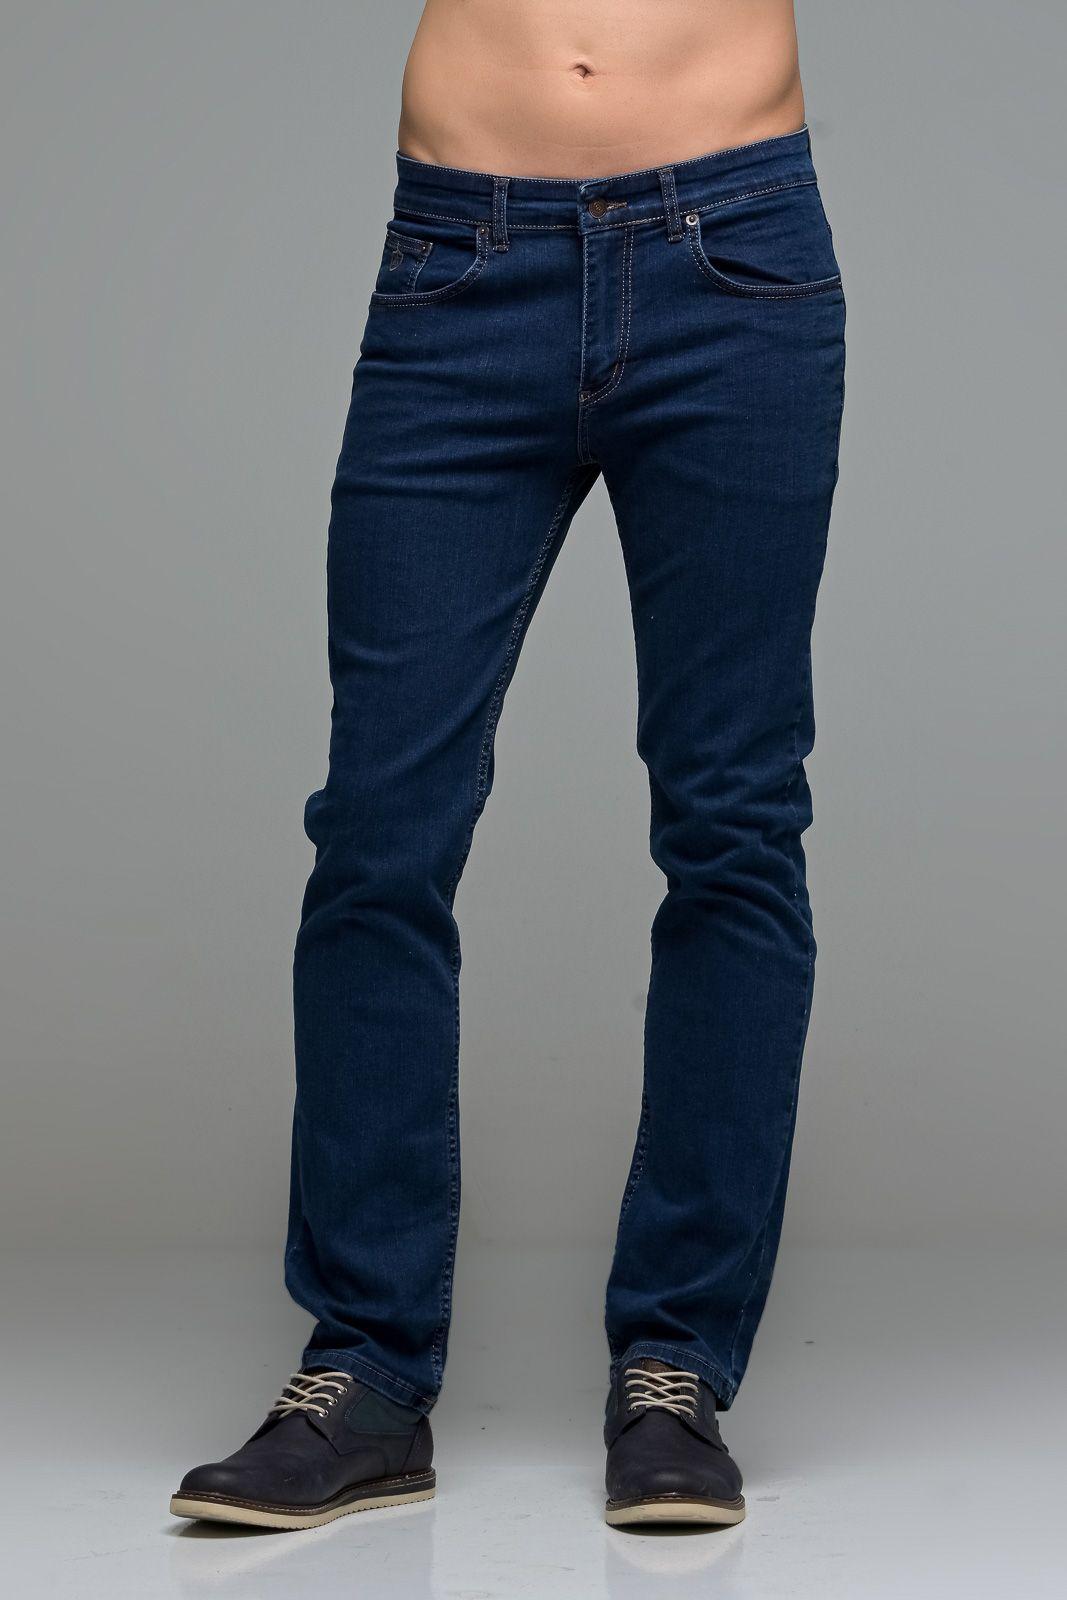 Ανδρικό Μπλε Τζιν Massaro Παντελόνι με Ελαστικό– Straight Fit